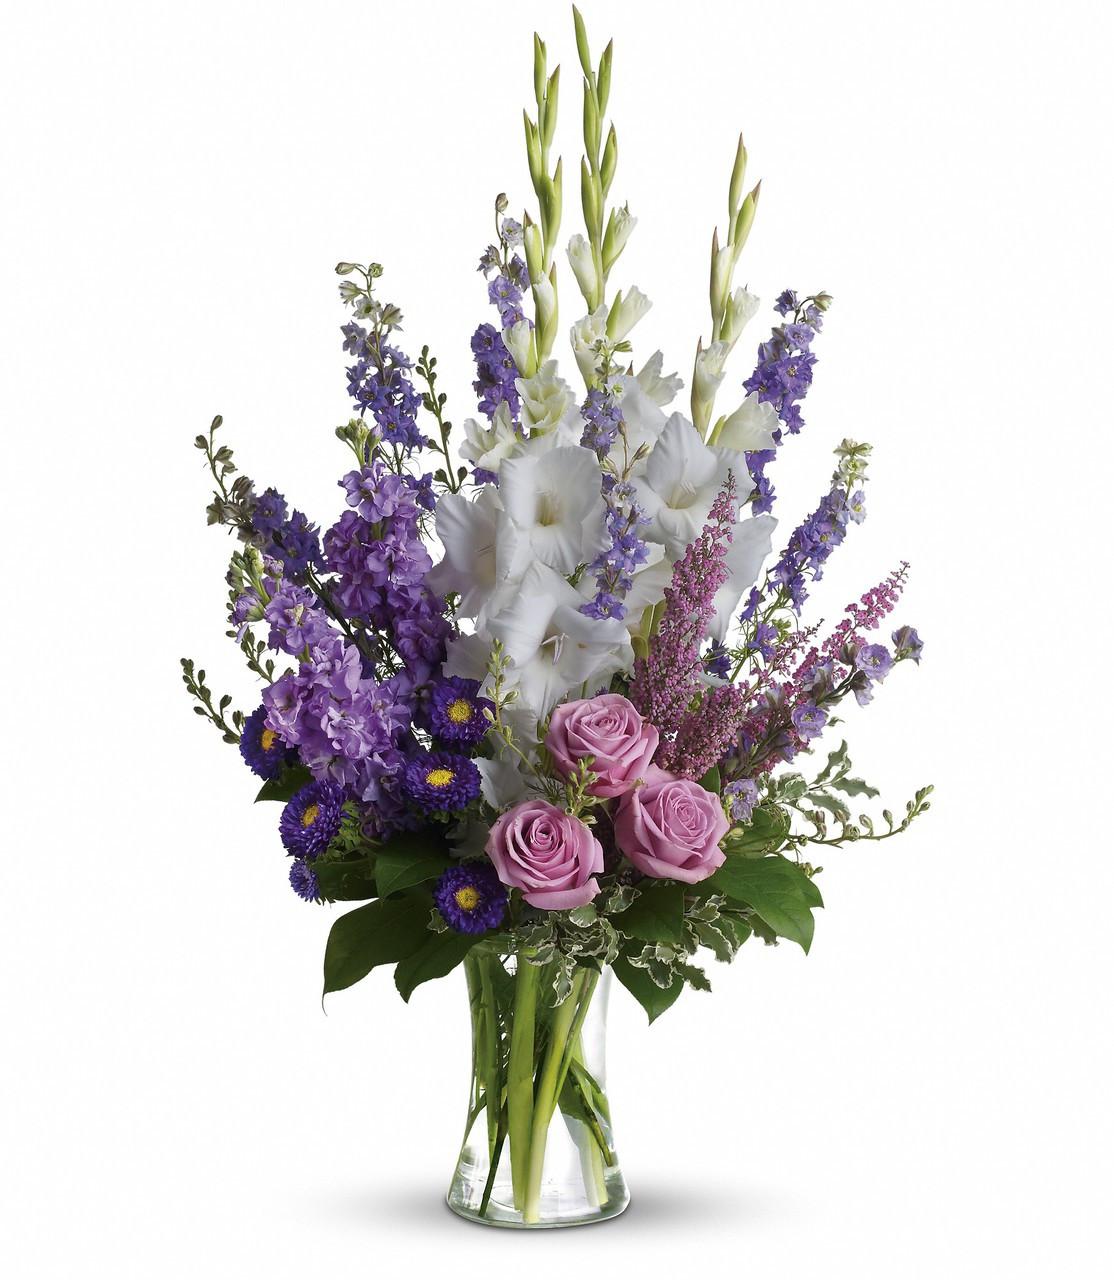 Purple Memories Funeral Arrangement Funeral Flowers Delivery